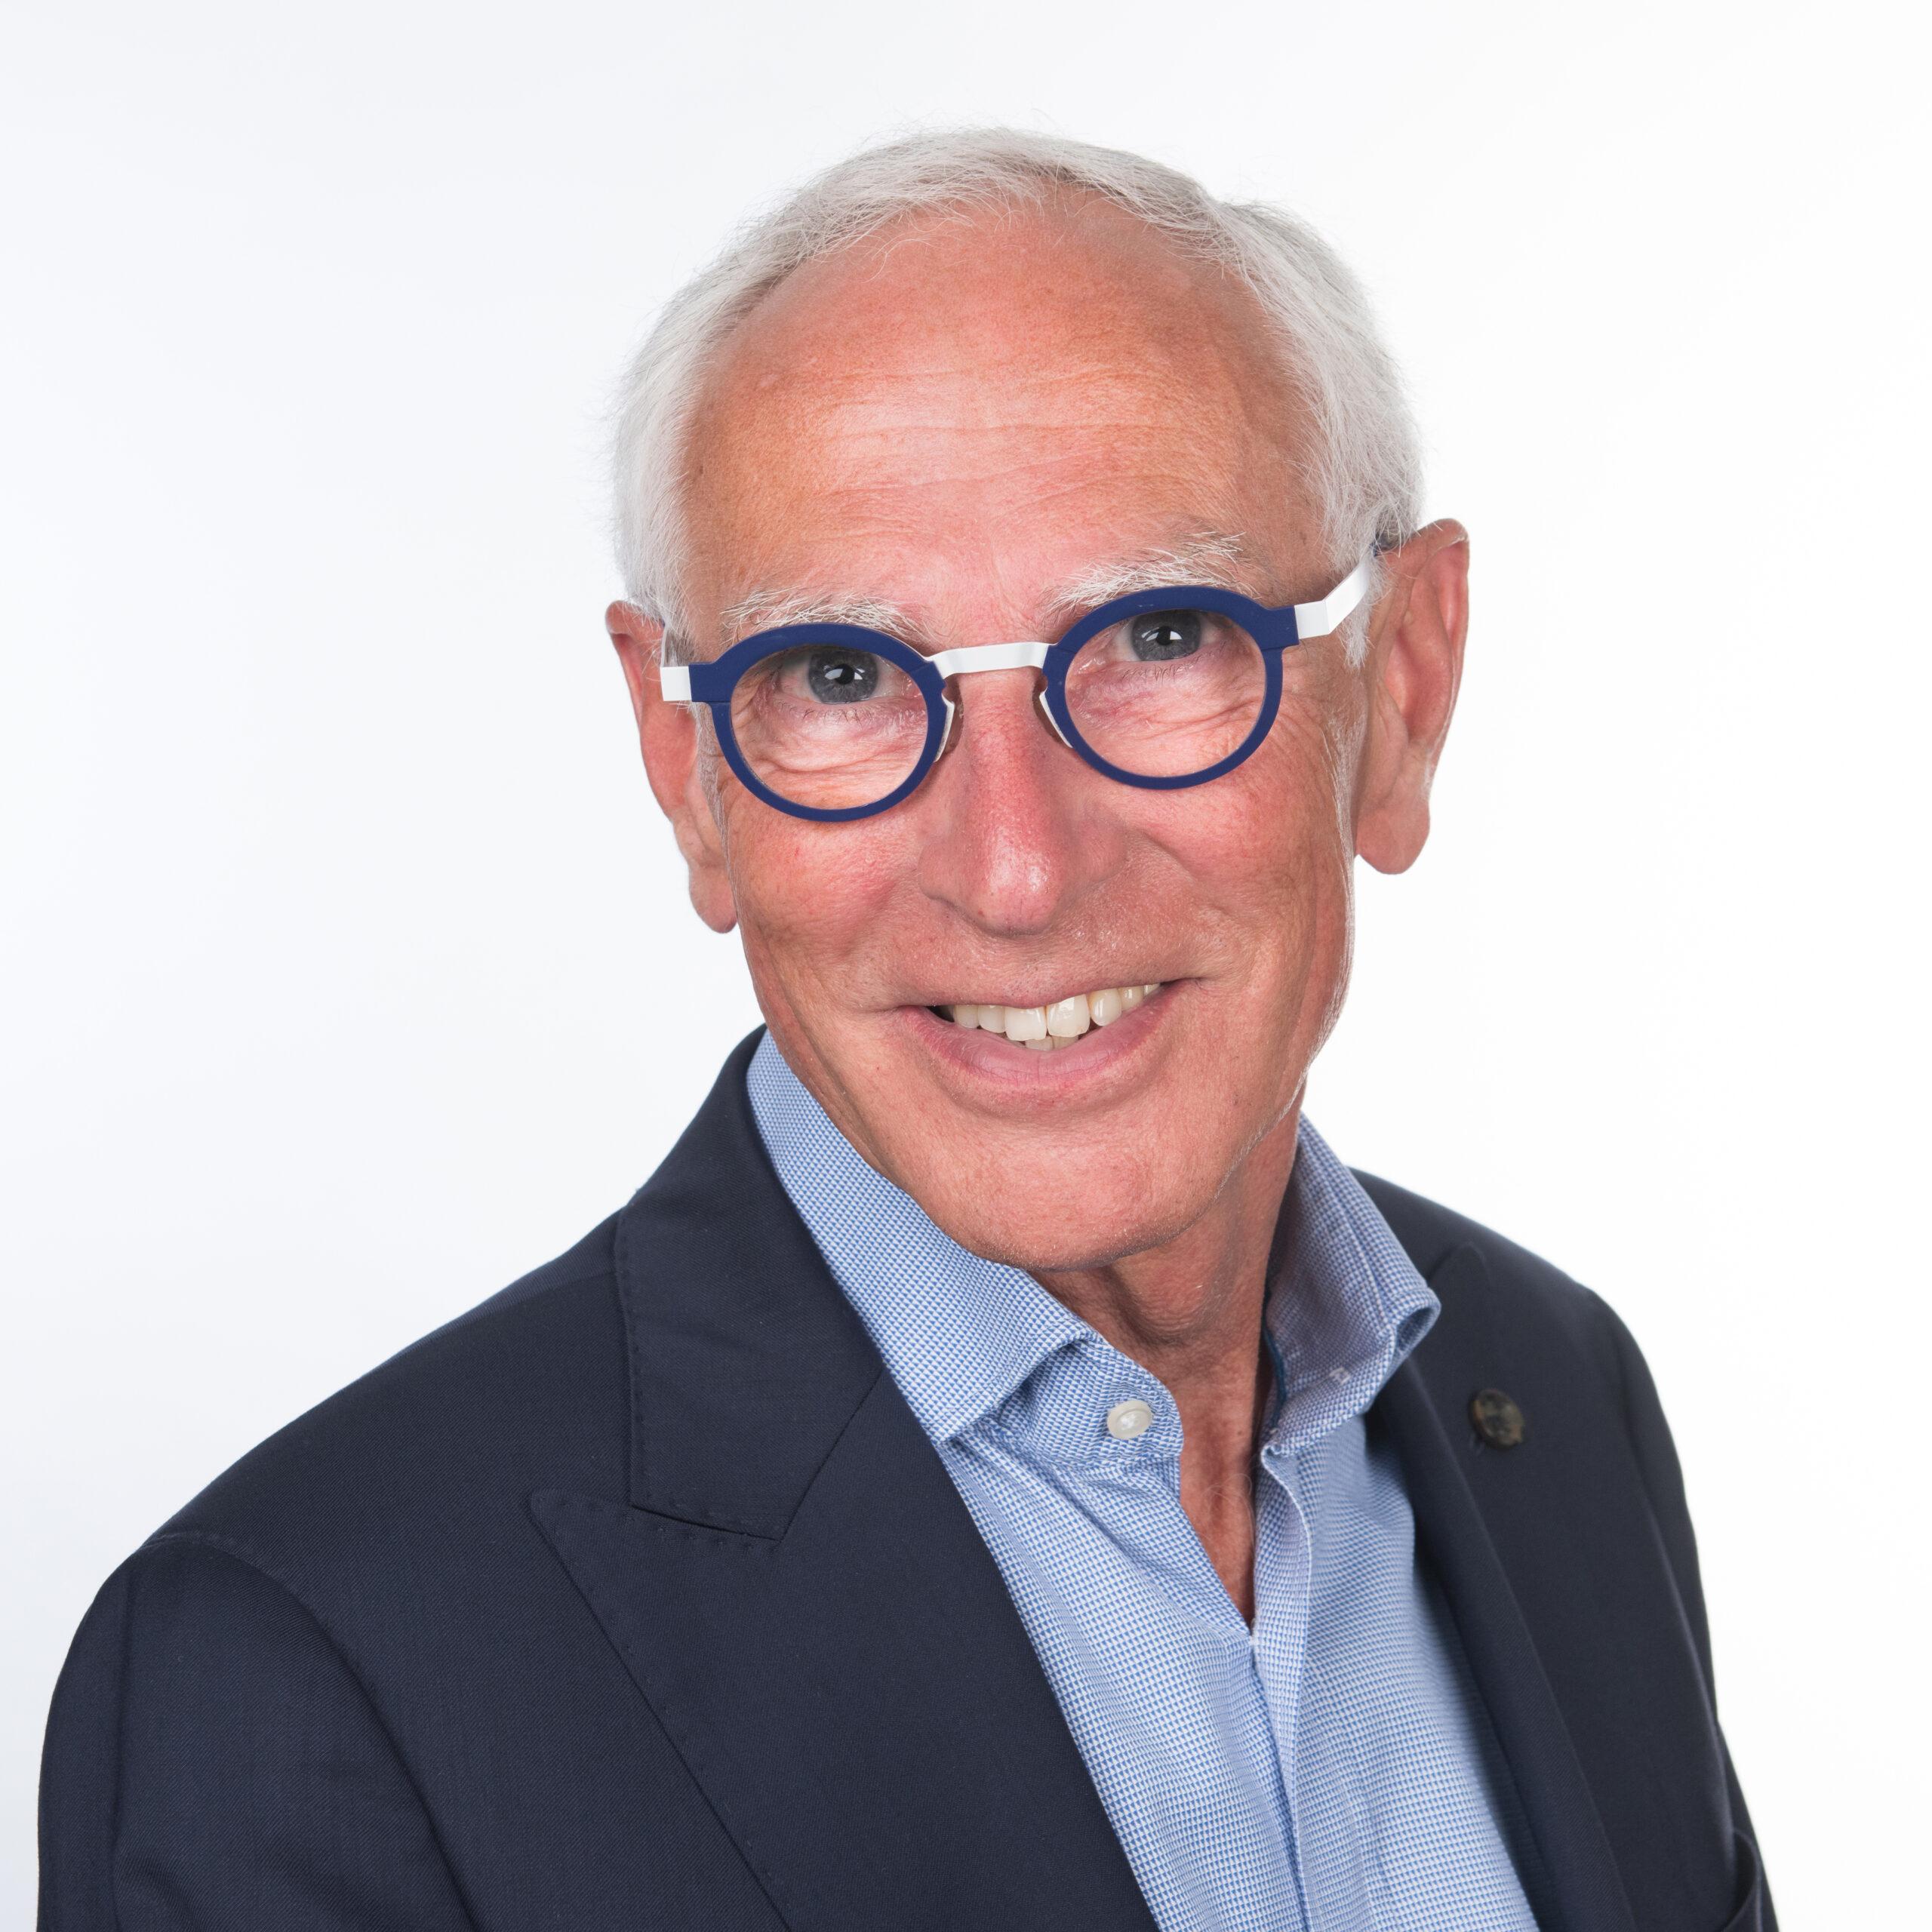 Gerard Honkoop